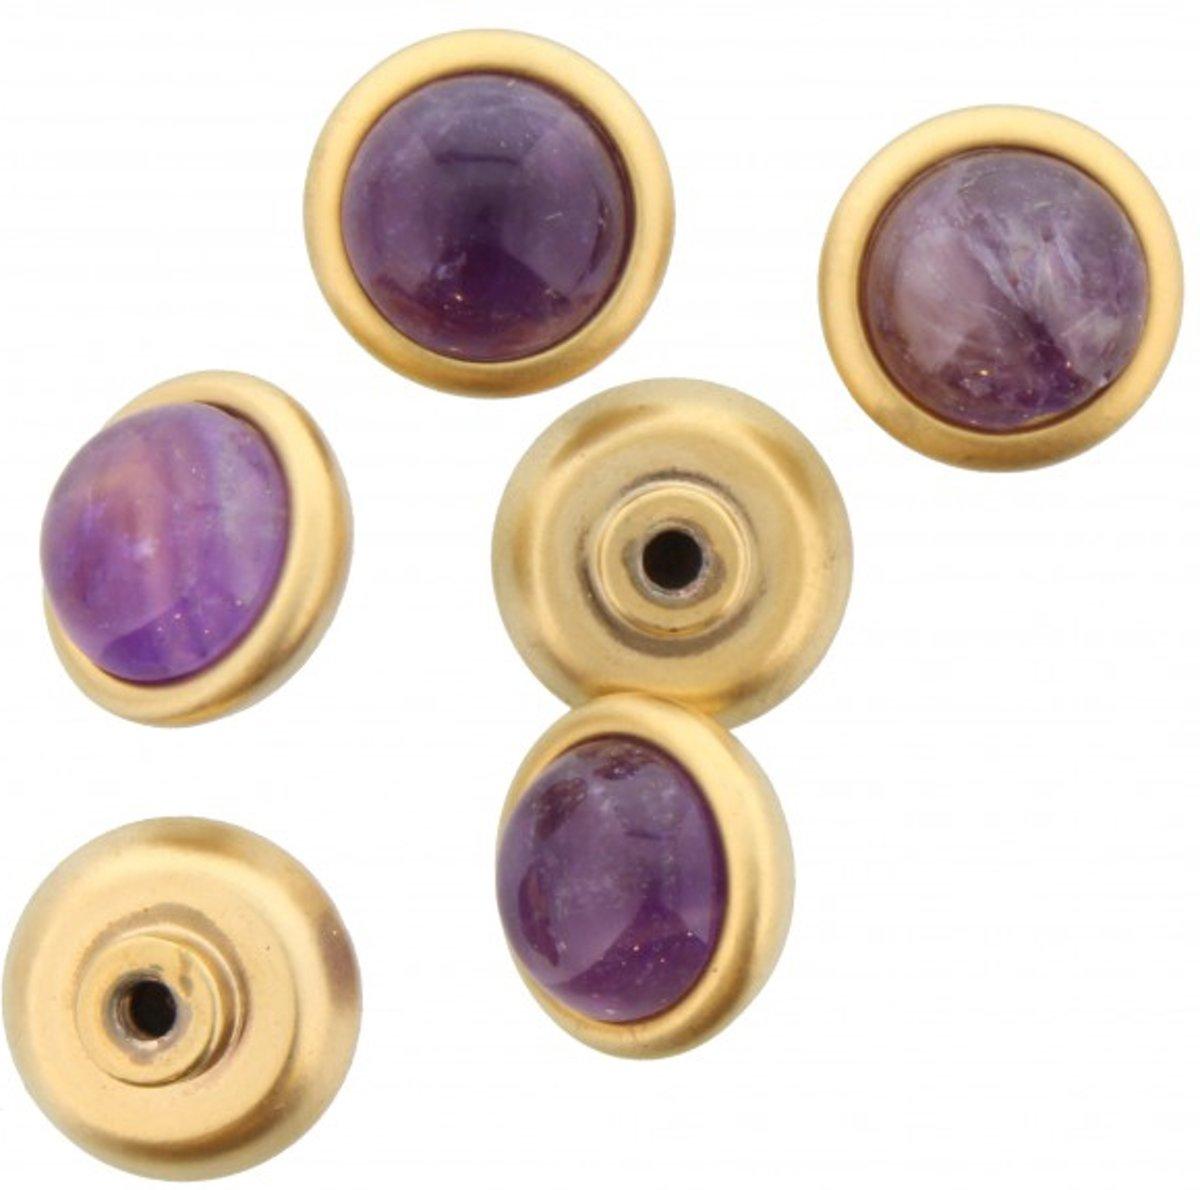 Schroefjes - 6 Stuks - Paarse steentjes kopen